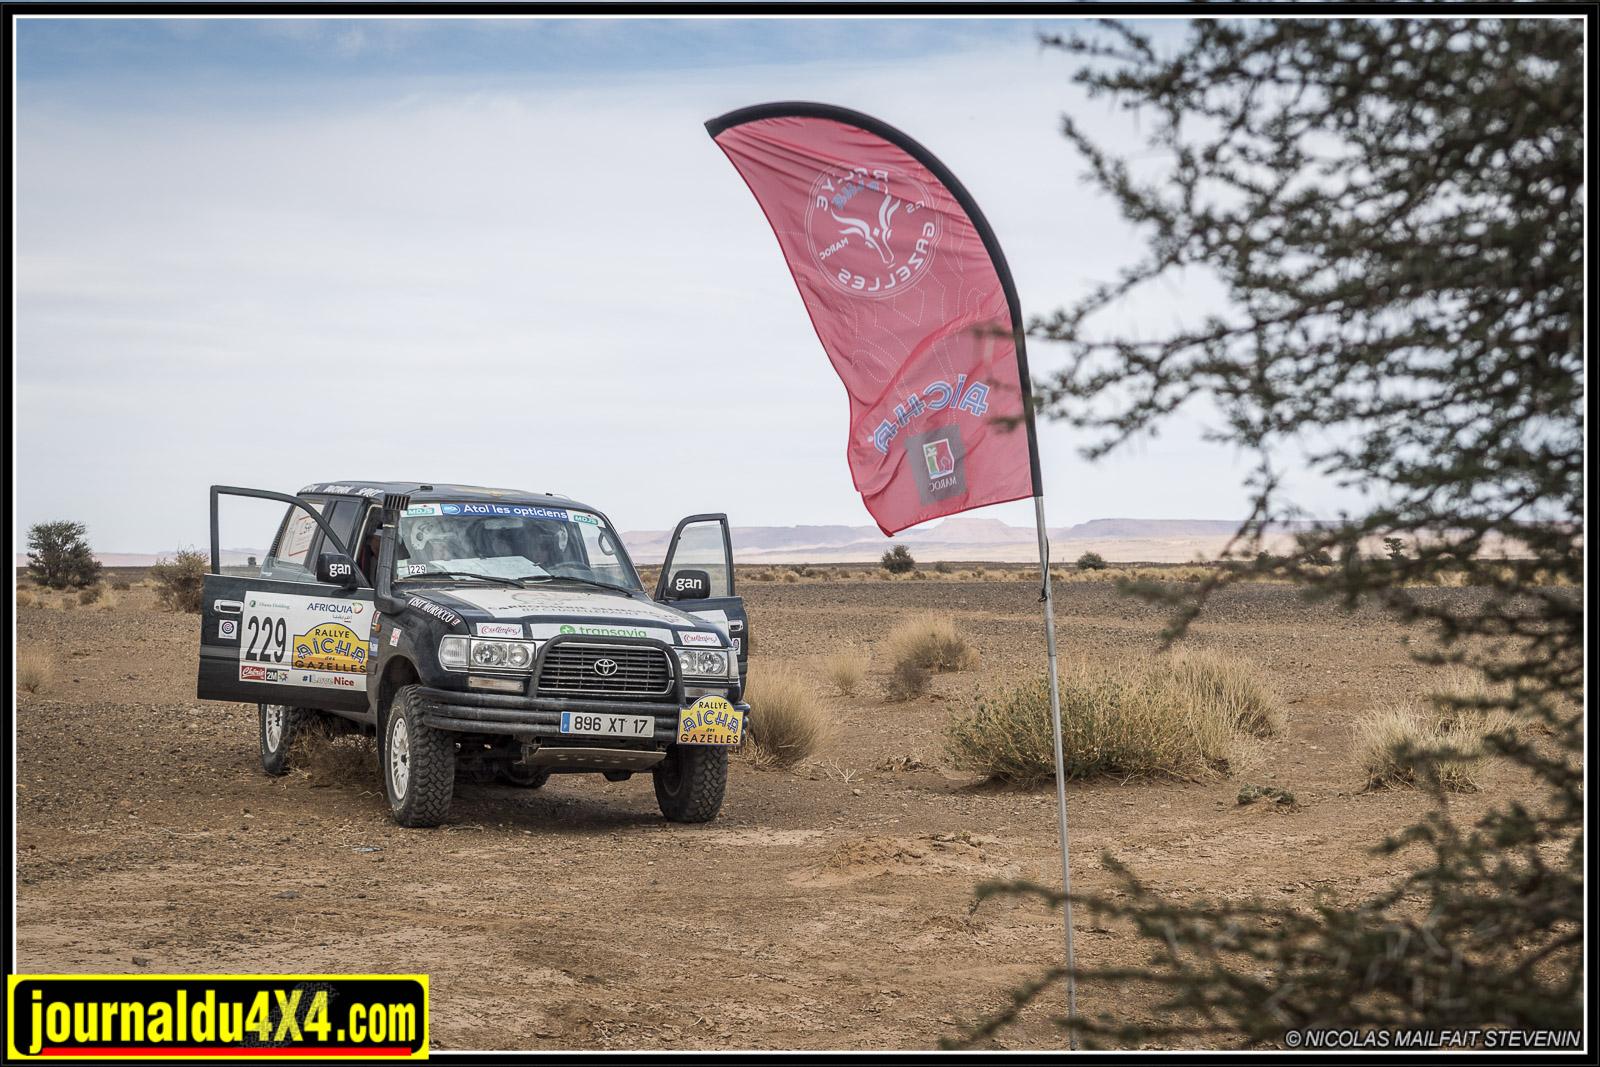 rallye-aicha-gazelles-maroc-2017-6777.jpg